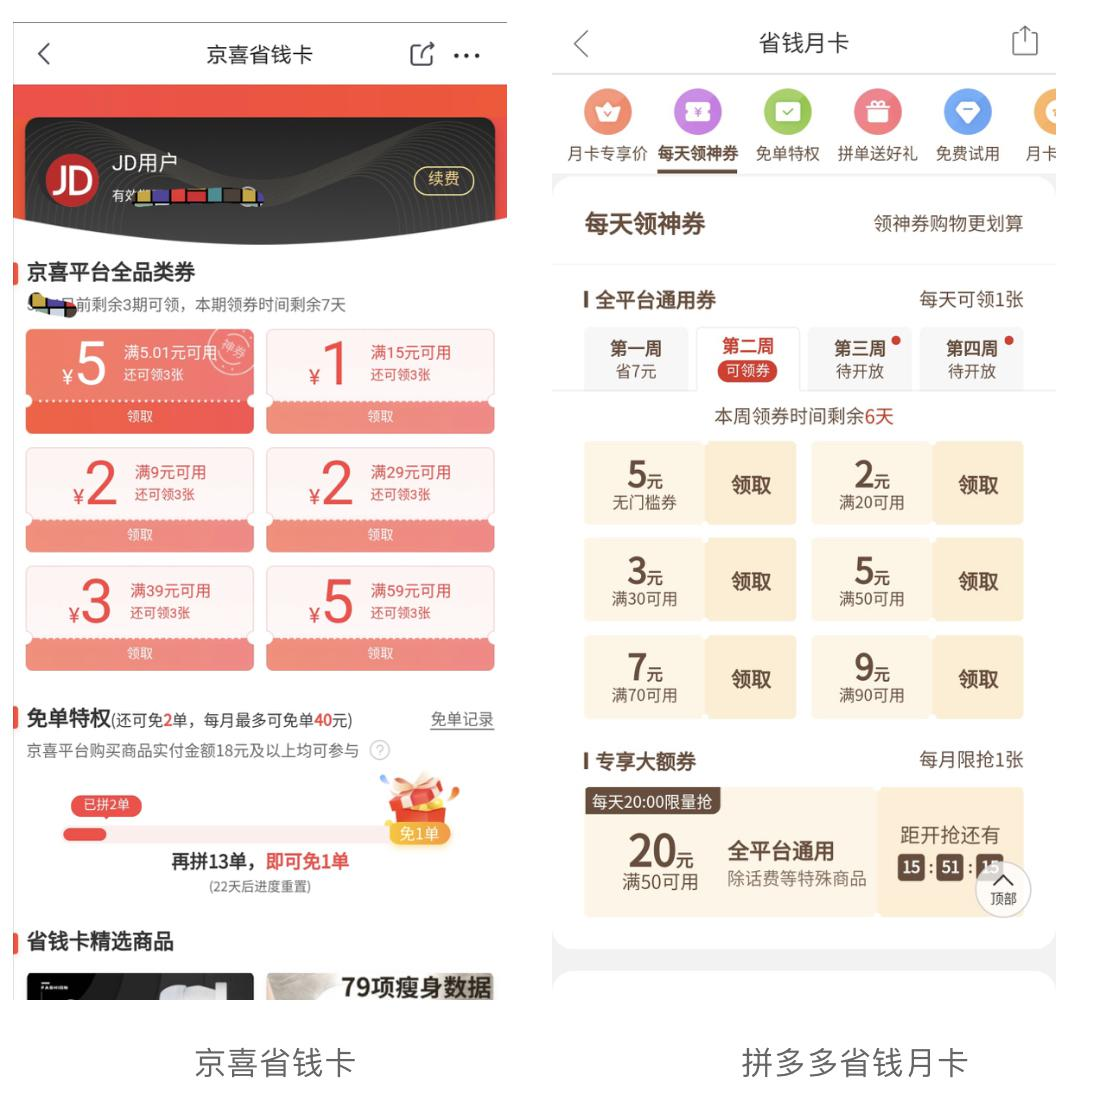 京东京喜App购物体验分析